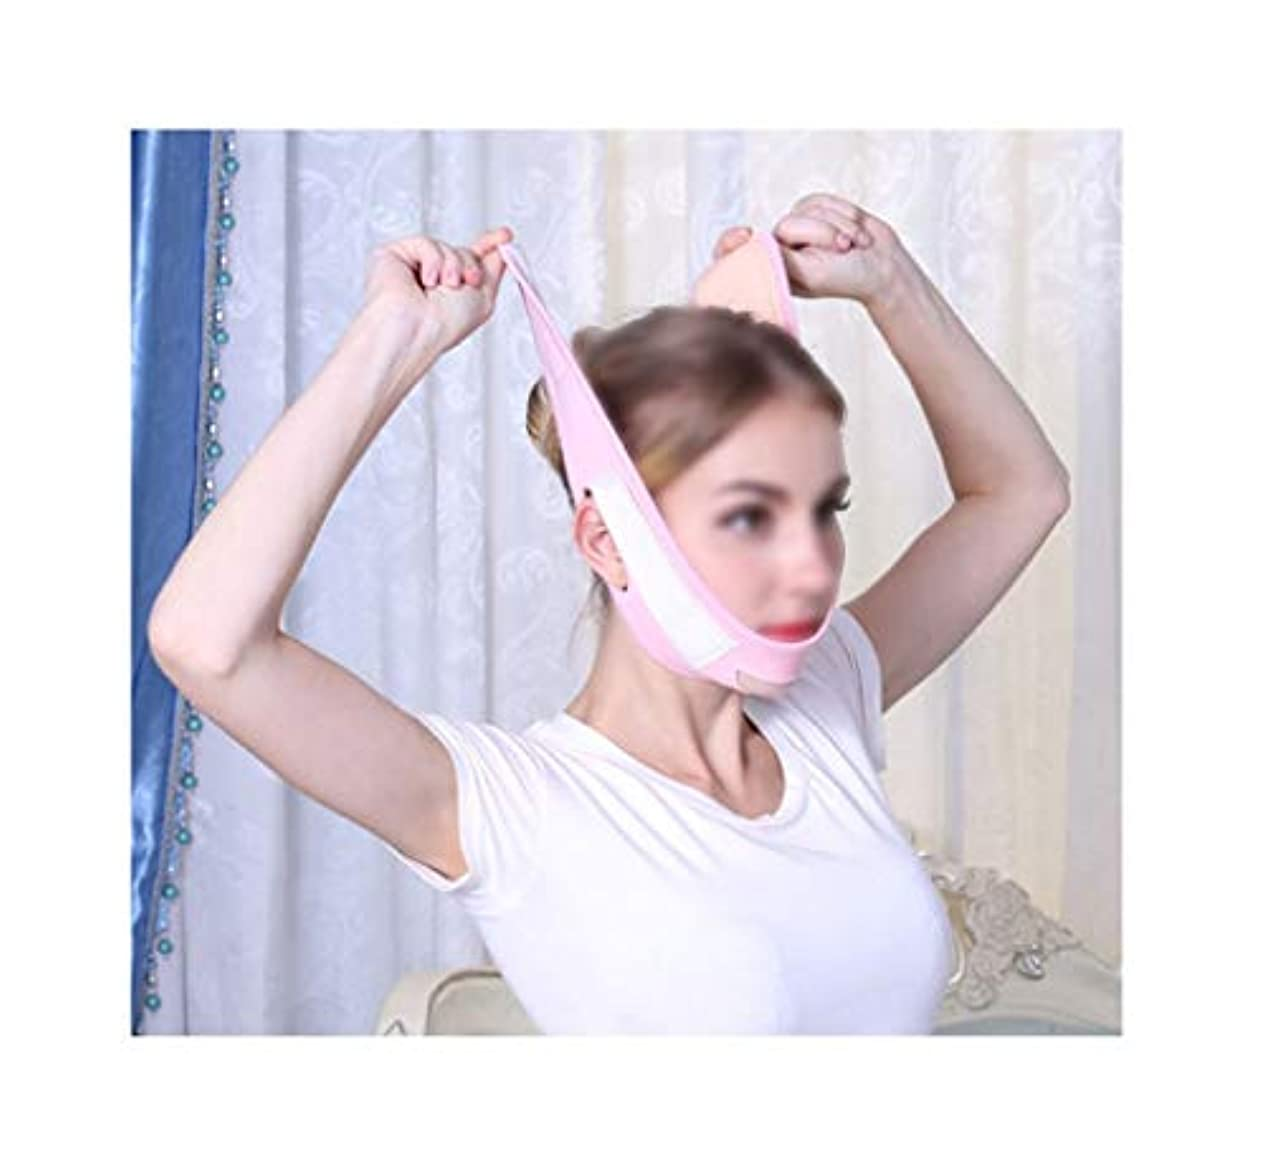 デイジープラカード一部薄いフェイスベルト、Vフェイス包帯からダブルチンデクリーマスクリフティングファーミングスリープマスク、2色オプション (Color : Pink)